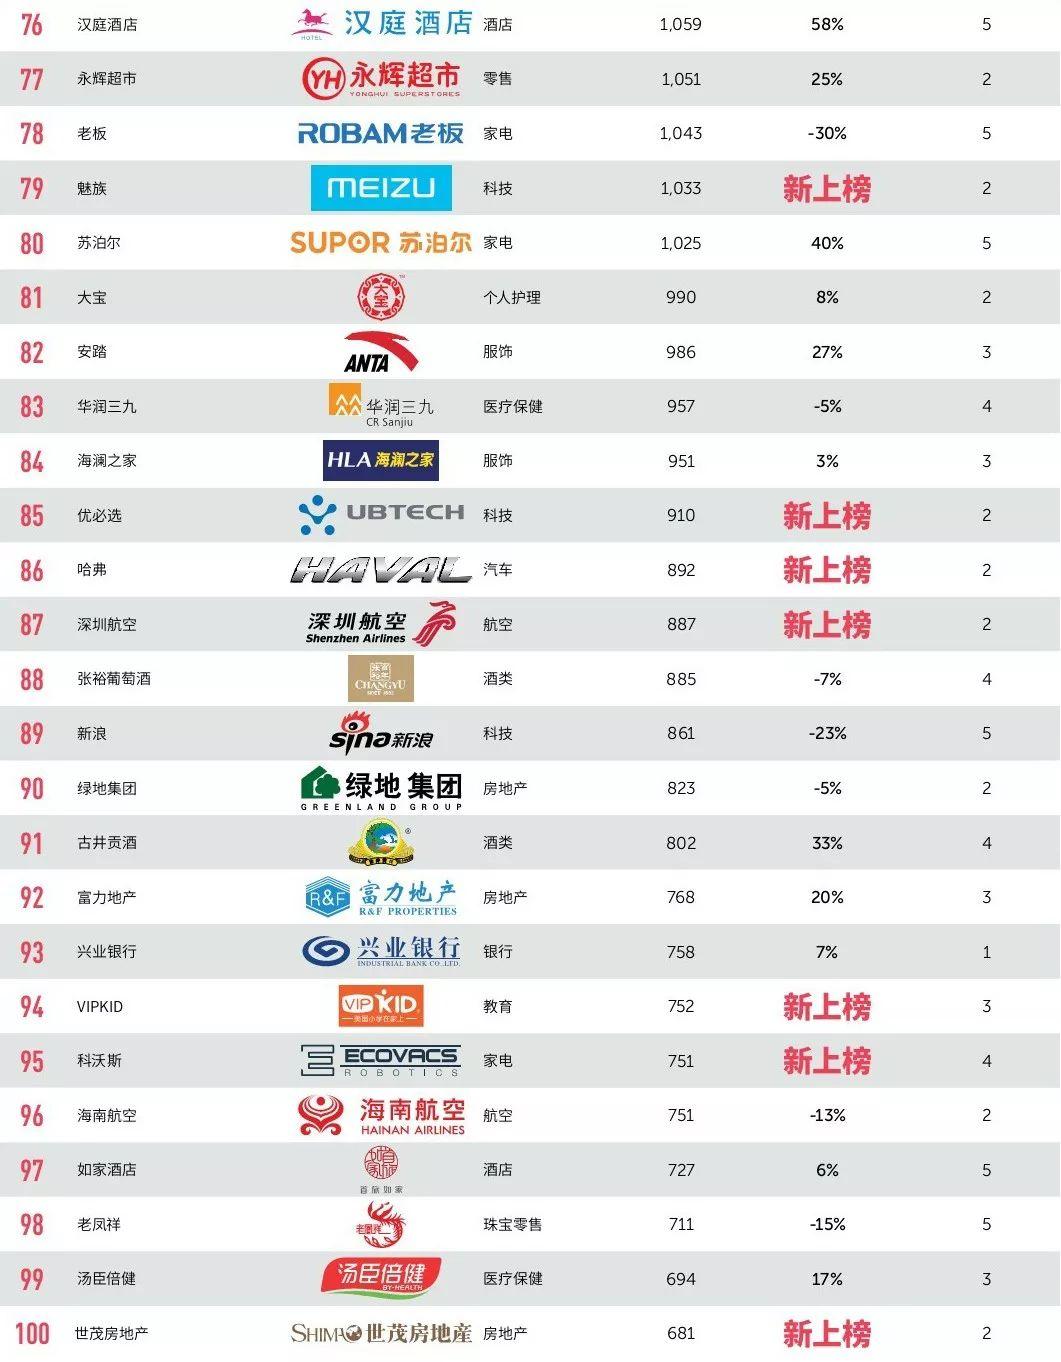 2019腾讯排行榜_2019最具价值中国品牌100强排行榜发布:阿里、腾讯名列